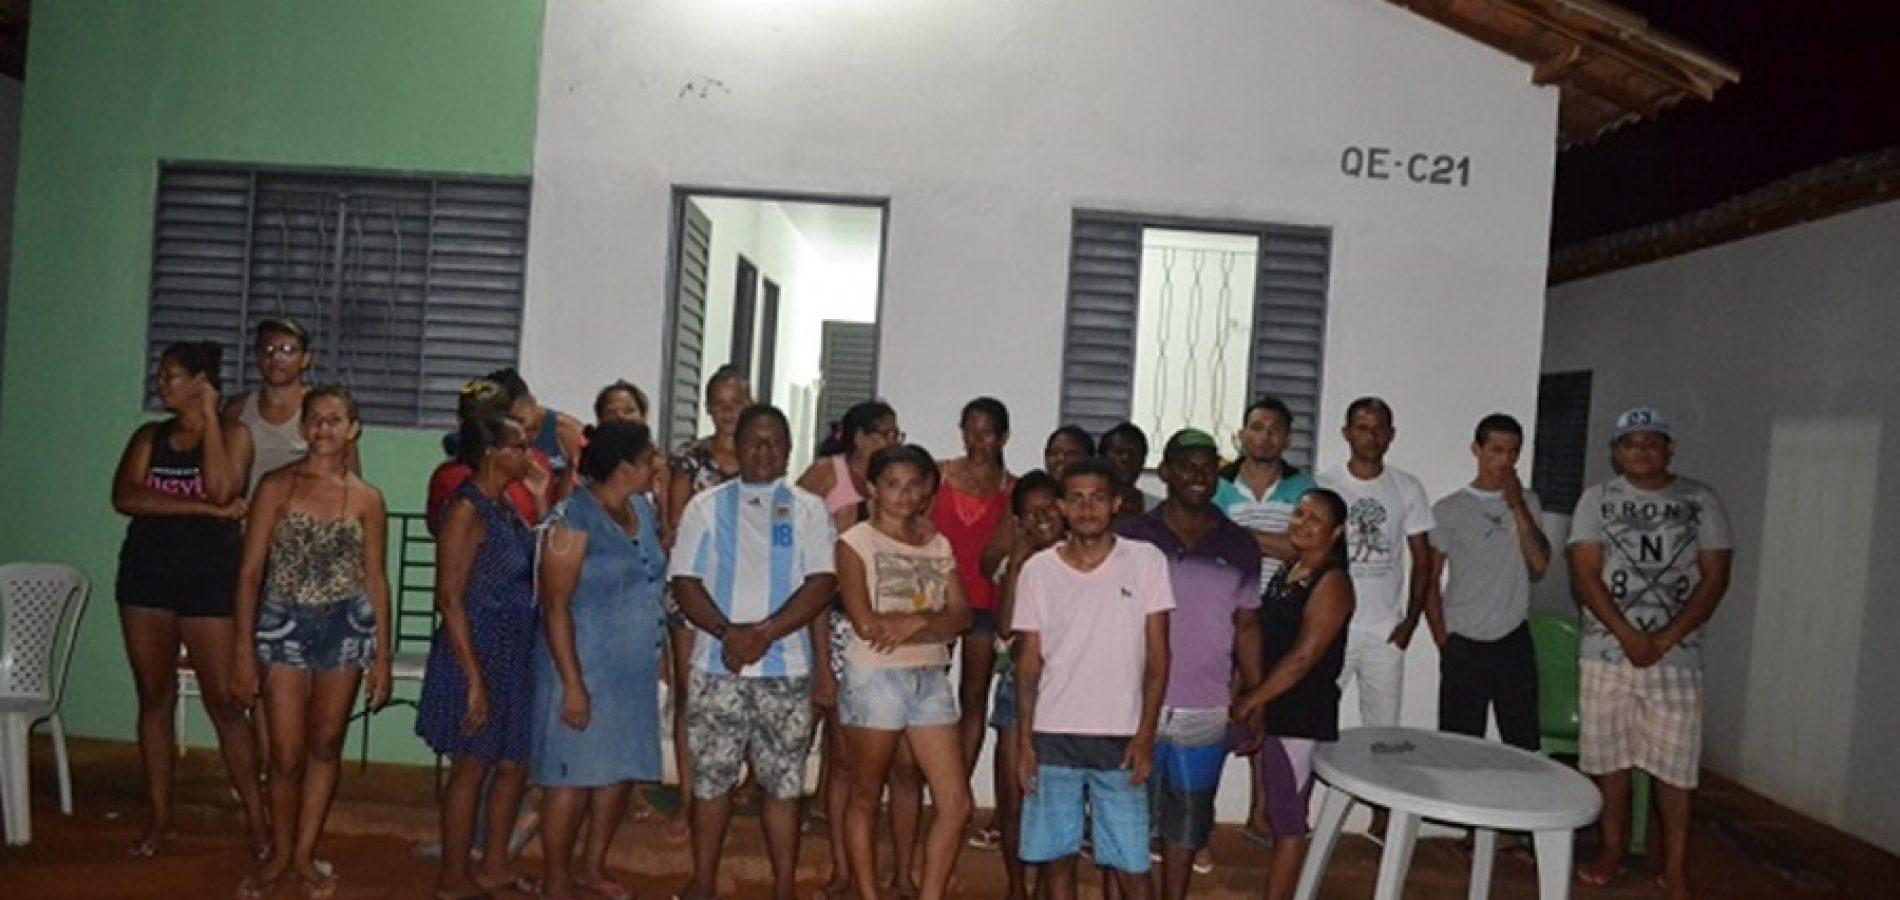 Ocupantes criam comissão para assegurar direito de permanecer em casas invadidas em Picos